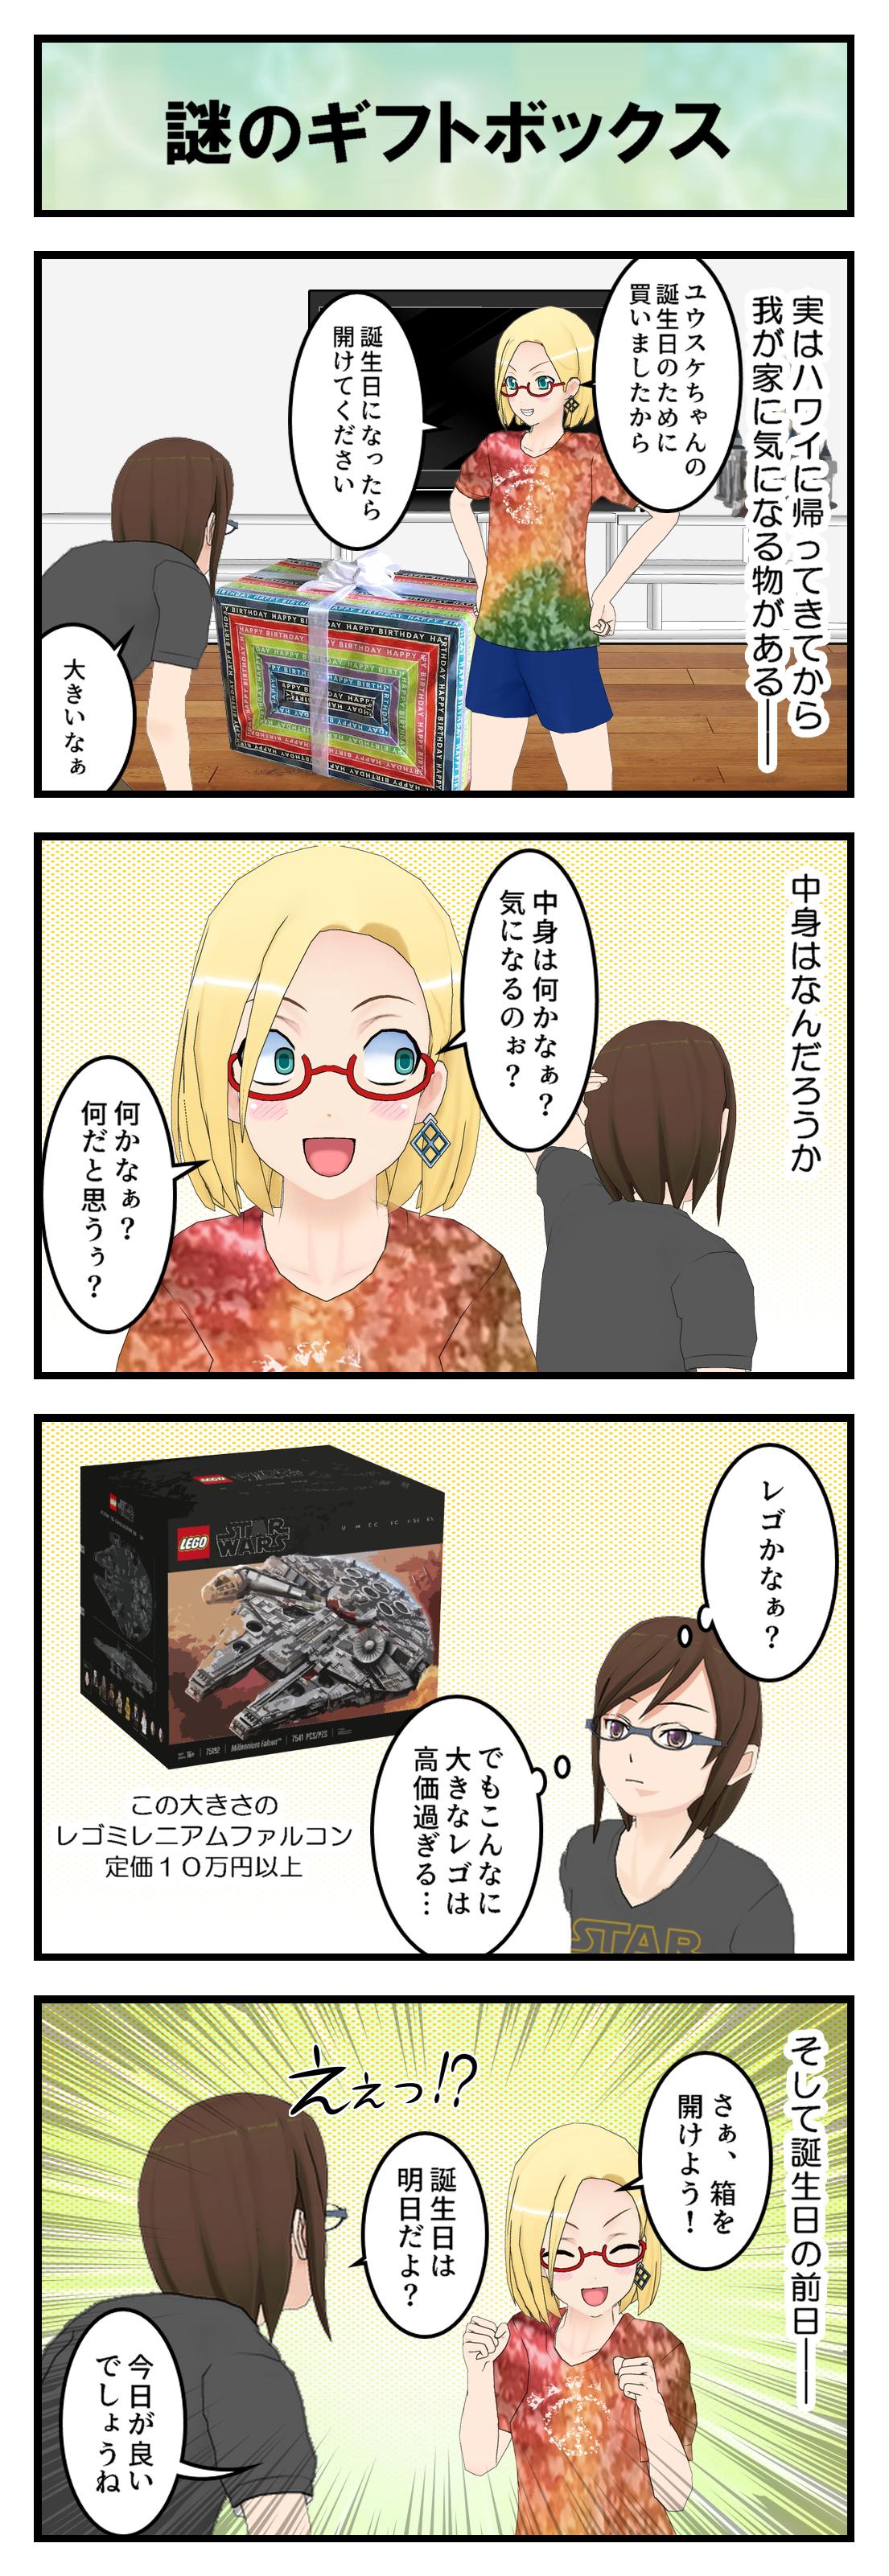 R084_謎のプレゼント箱_001